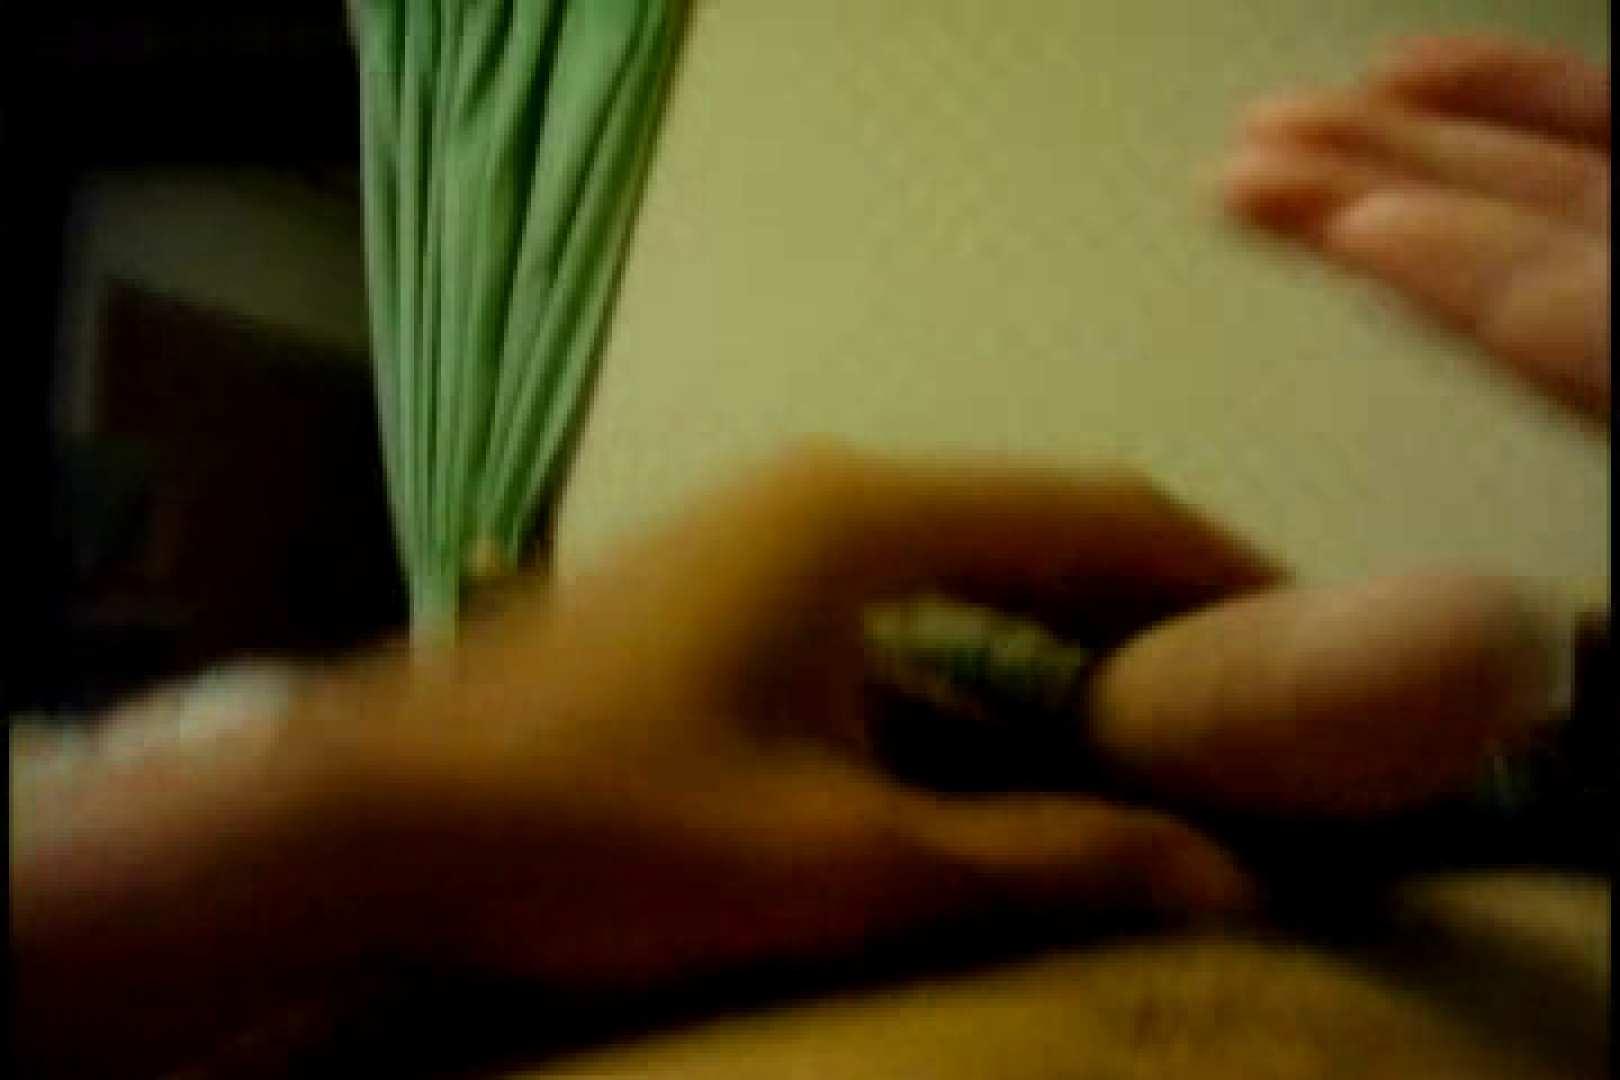 オナ好きノンケテニス部員の自画撮り投稿vol.05 オナニー専門男子 ゲイエロ動画 76画像 38